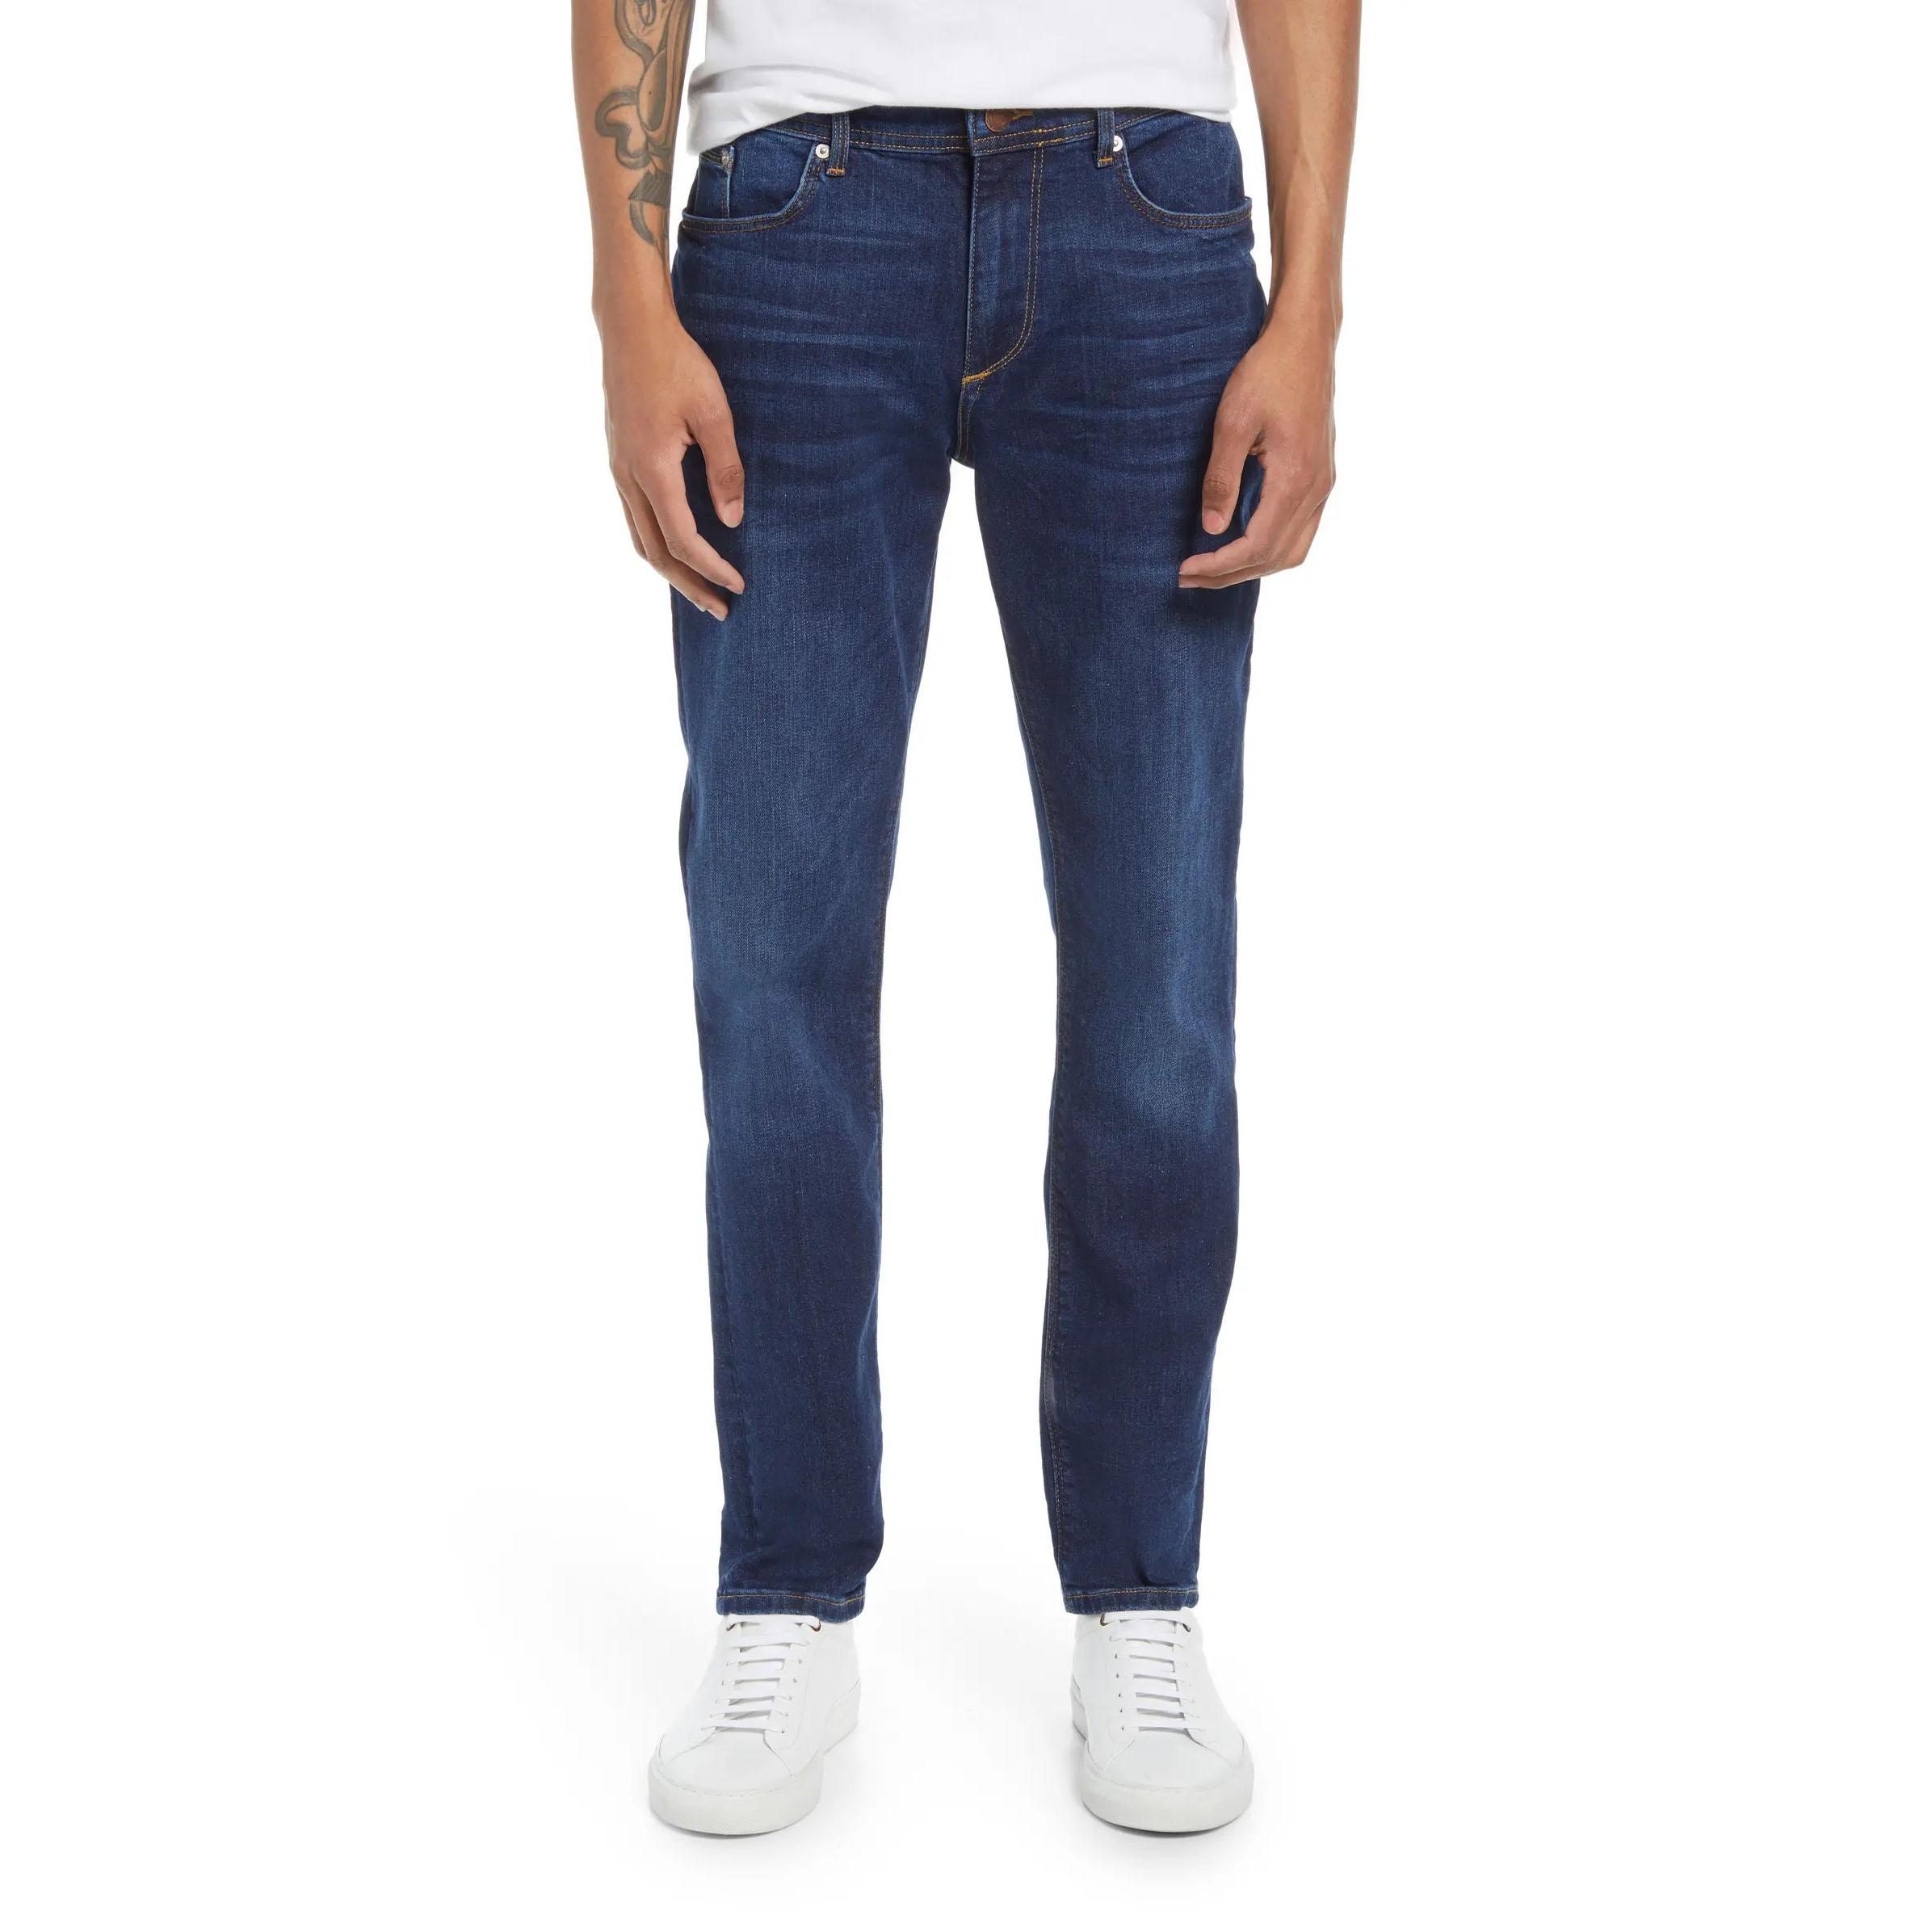 River Island Dark Skinny Jeans